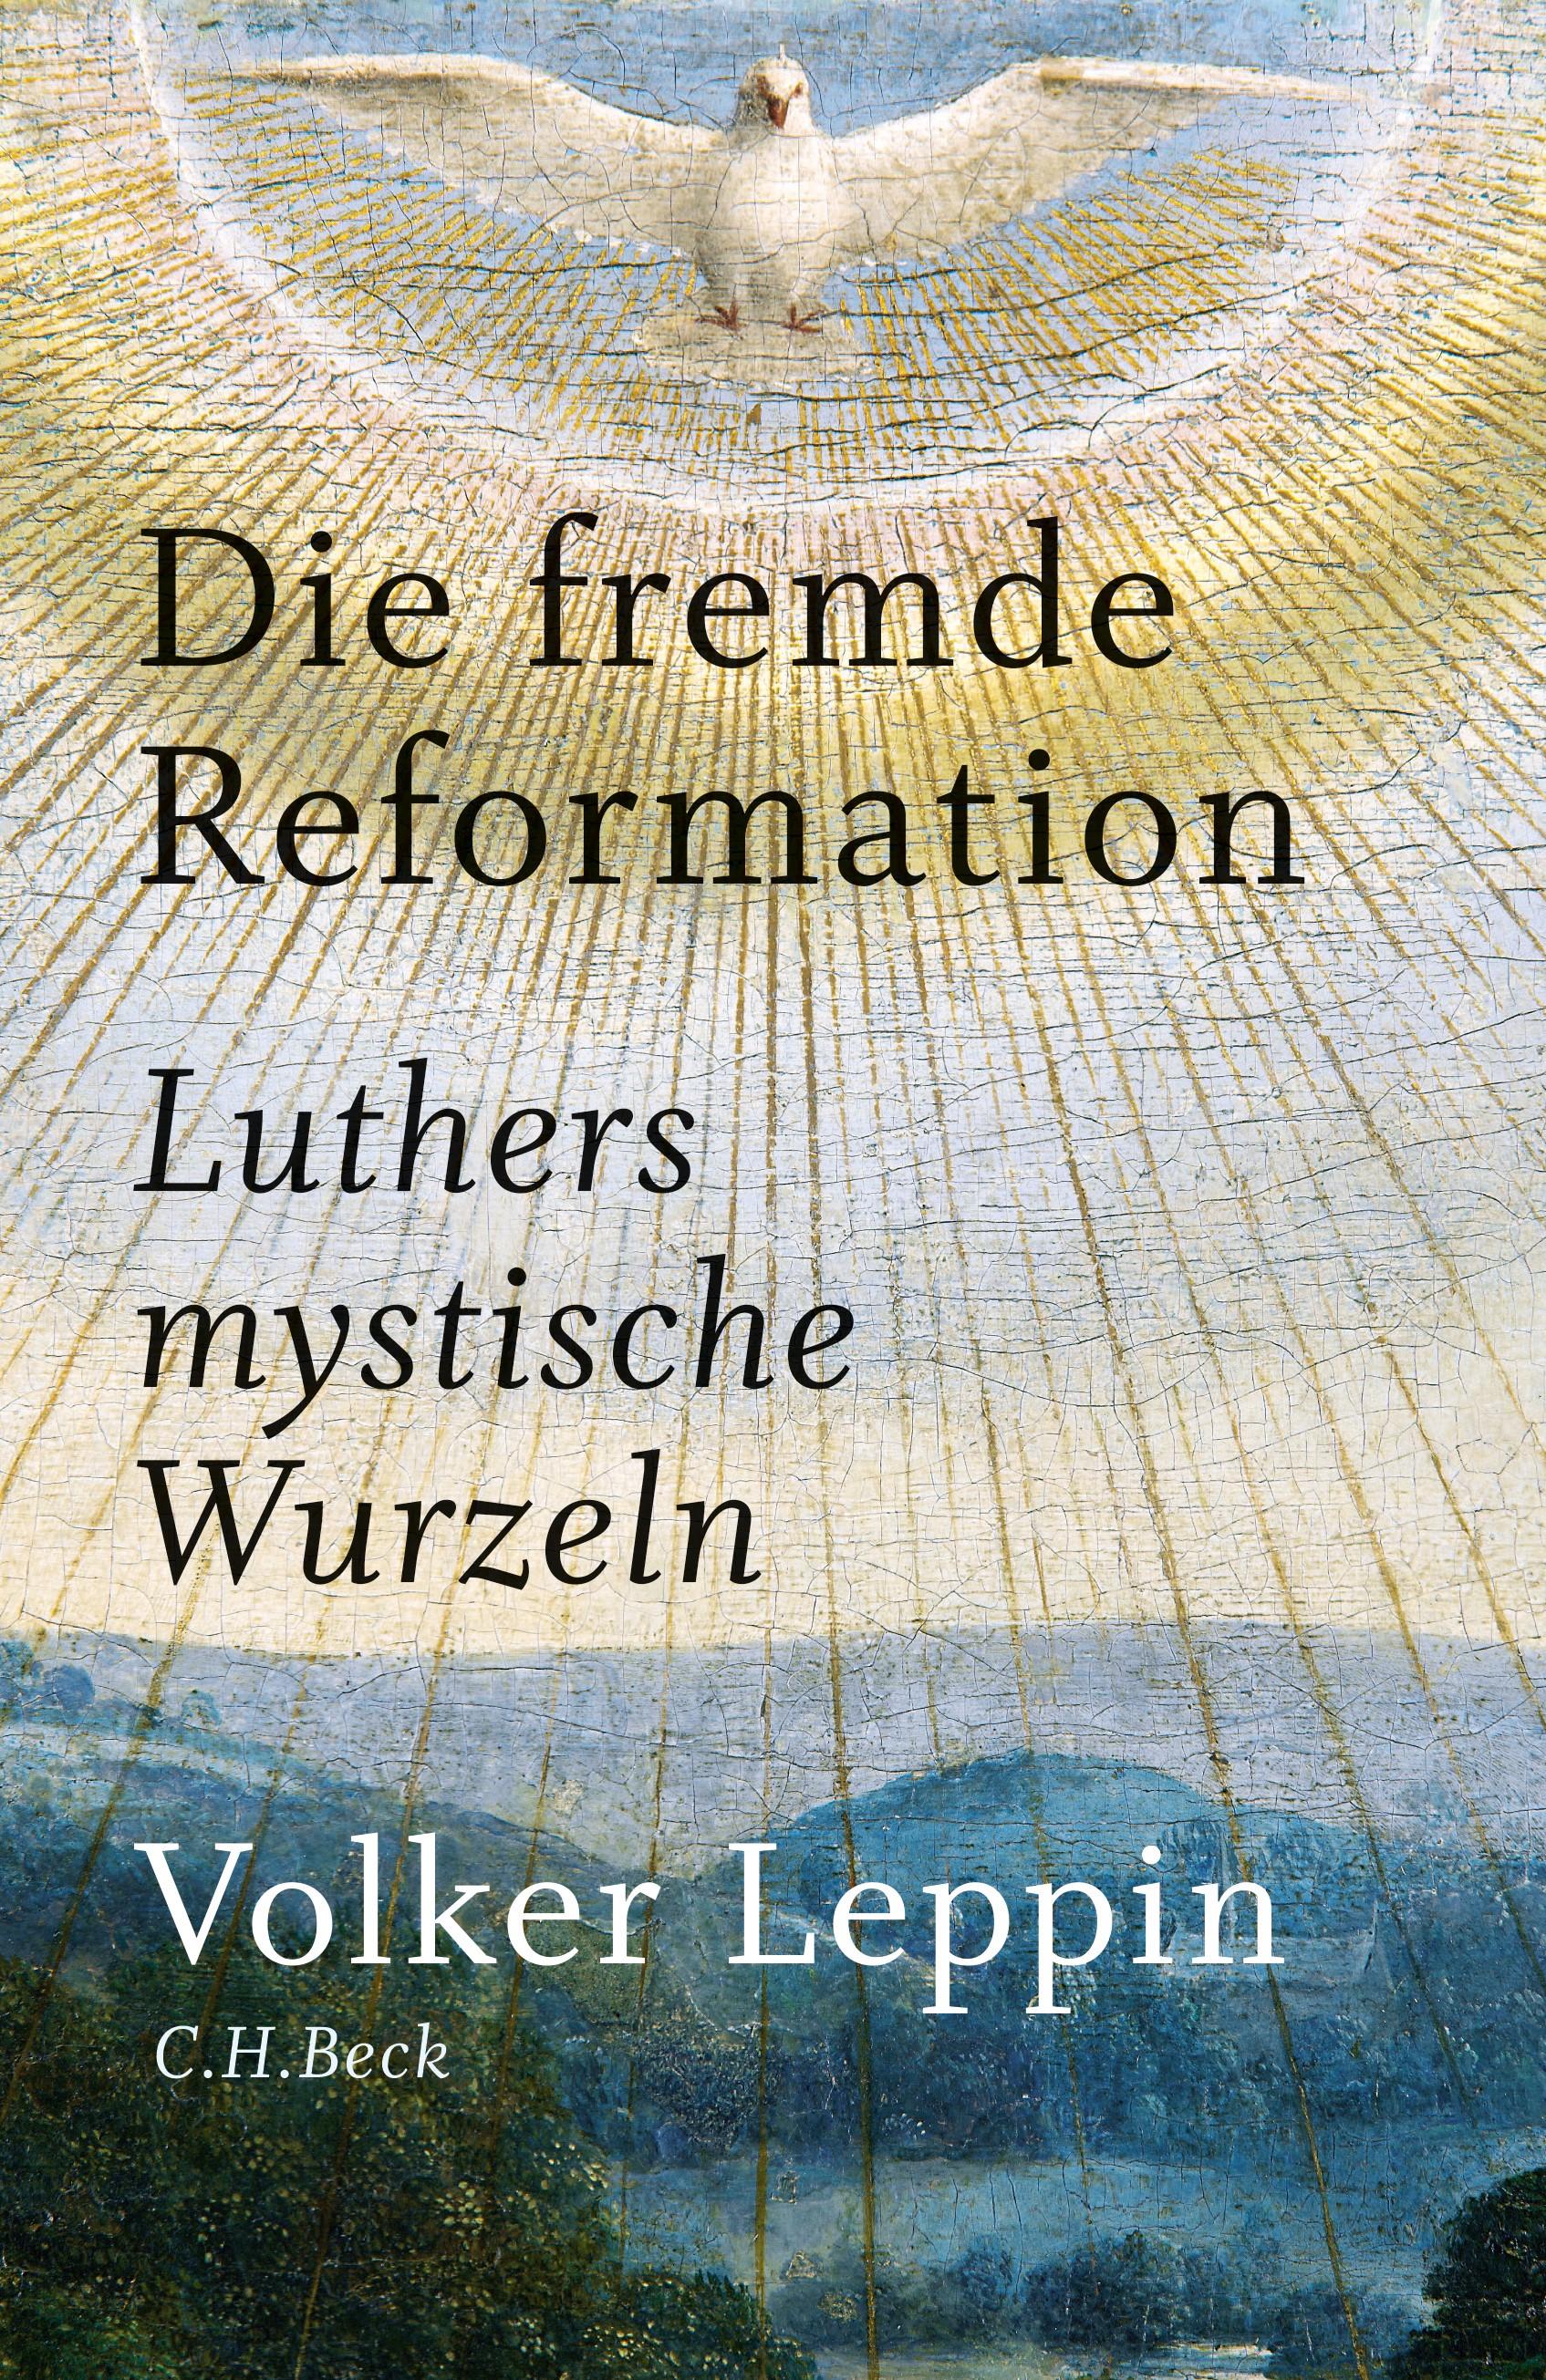 Die fremde Reformation | Leppin, Volker | 2., durchgesehene Auflage, 2016 | Buch (Cover)